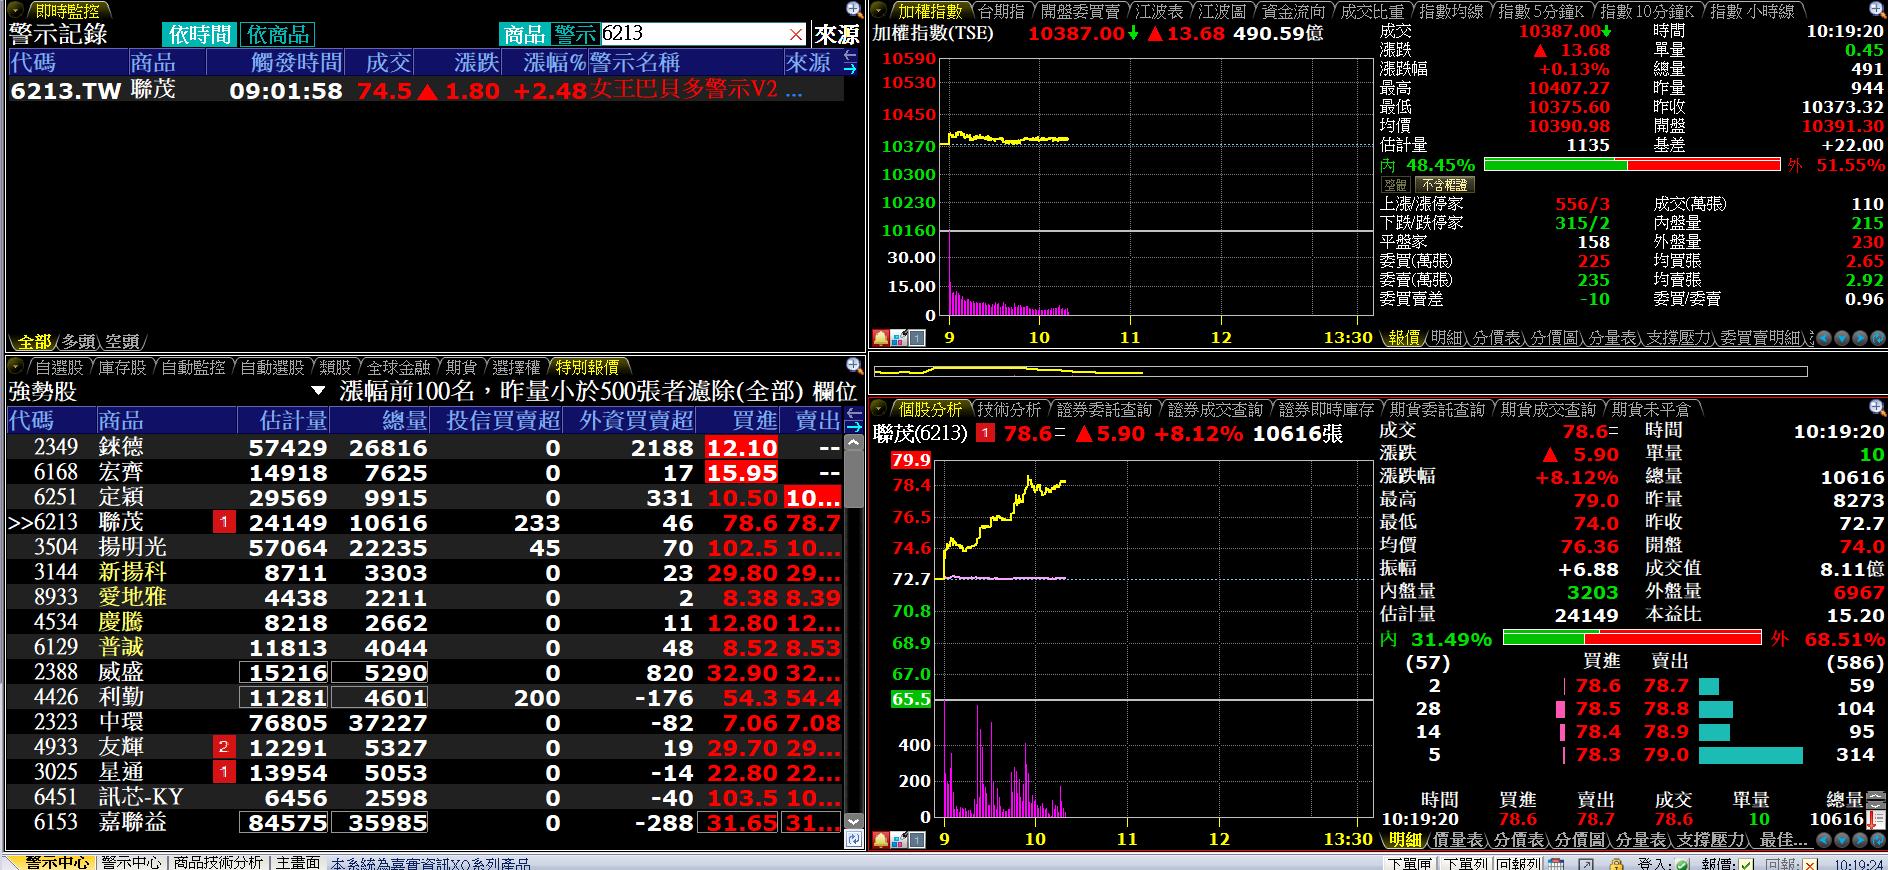 台股追價不足整理格局留意投信作帳股(穩懋,聯茂), 光學股 ,高殖利率股